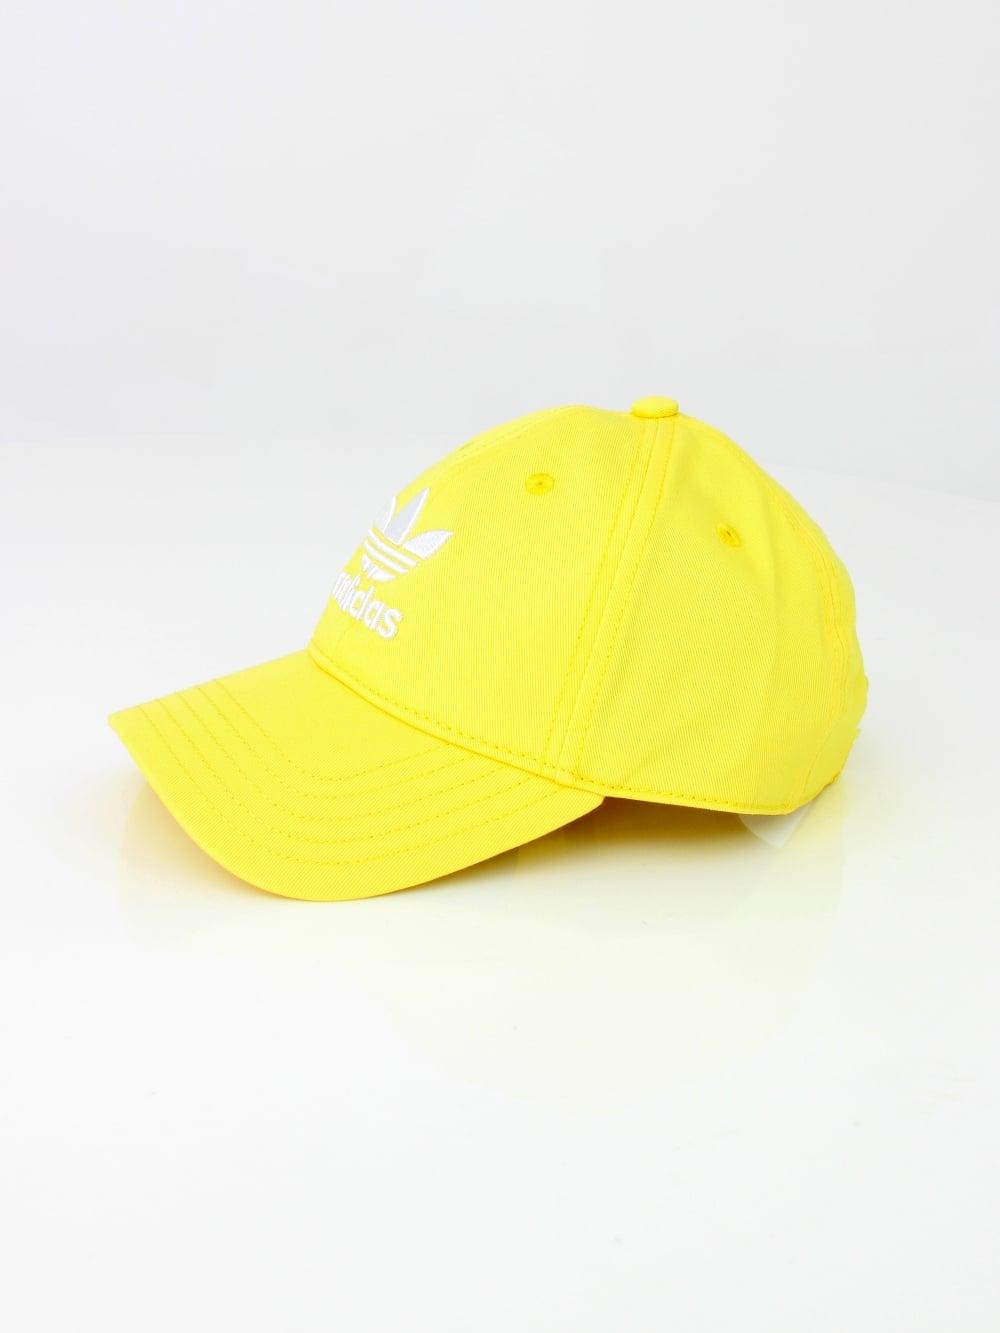 7d5ae5e1d6e Adidas Trefoil Cap in Lemon